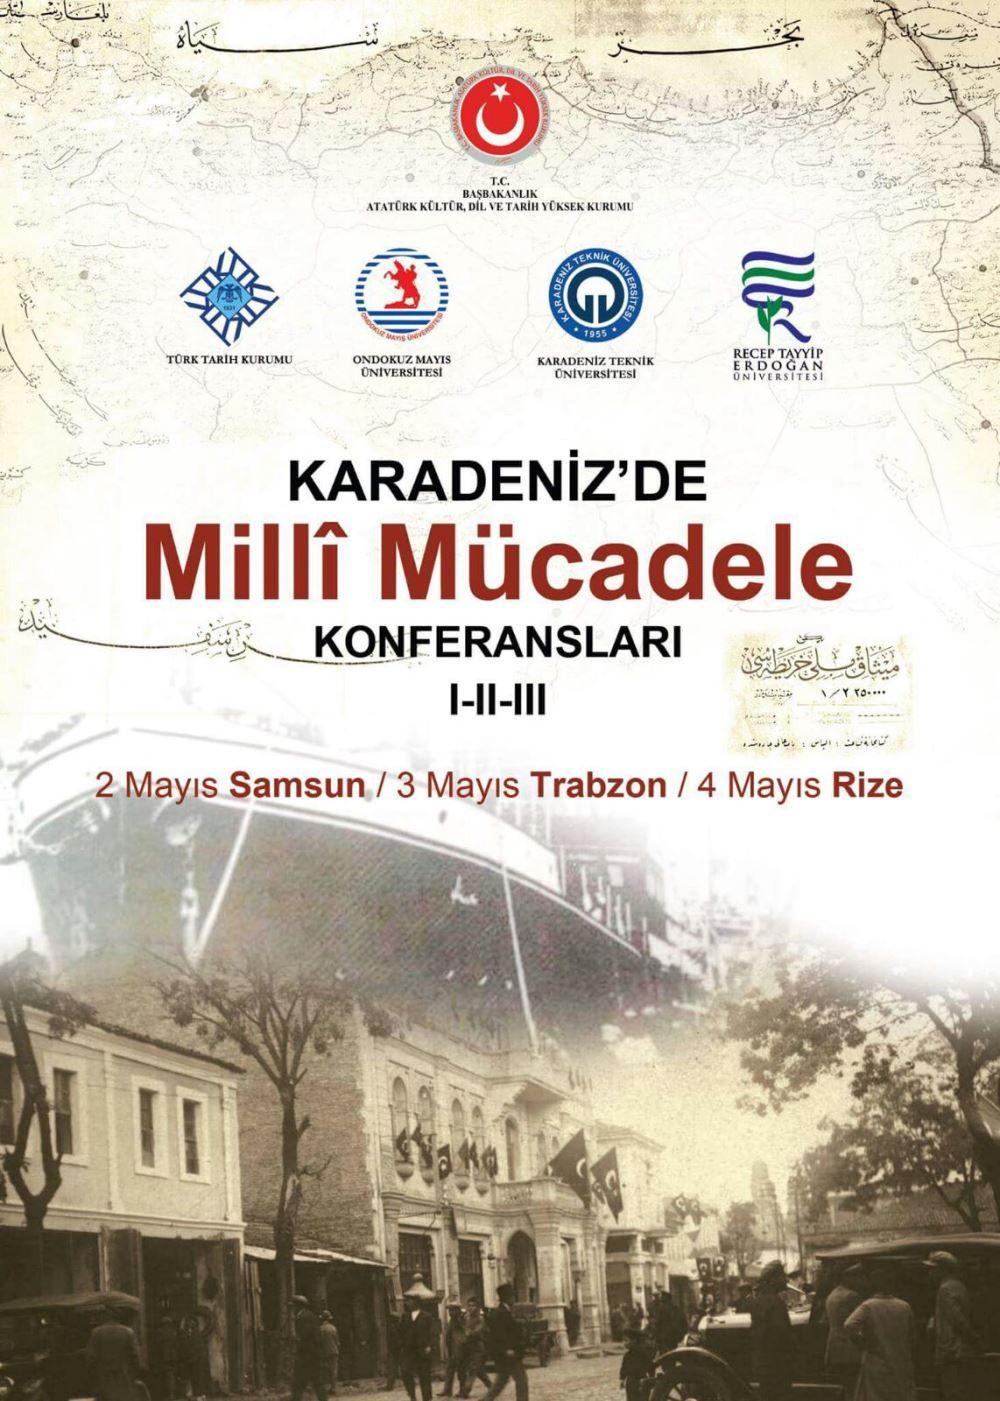 Karadeniz'de Milli Mücadele Konferansları